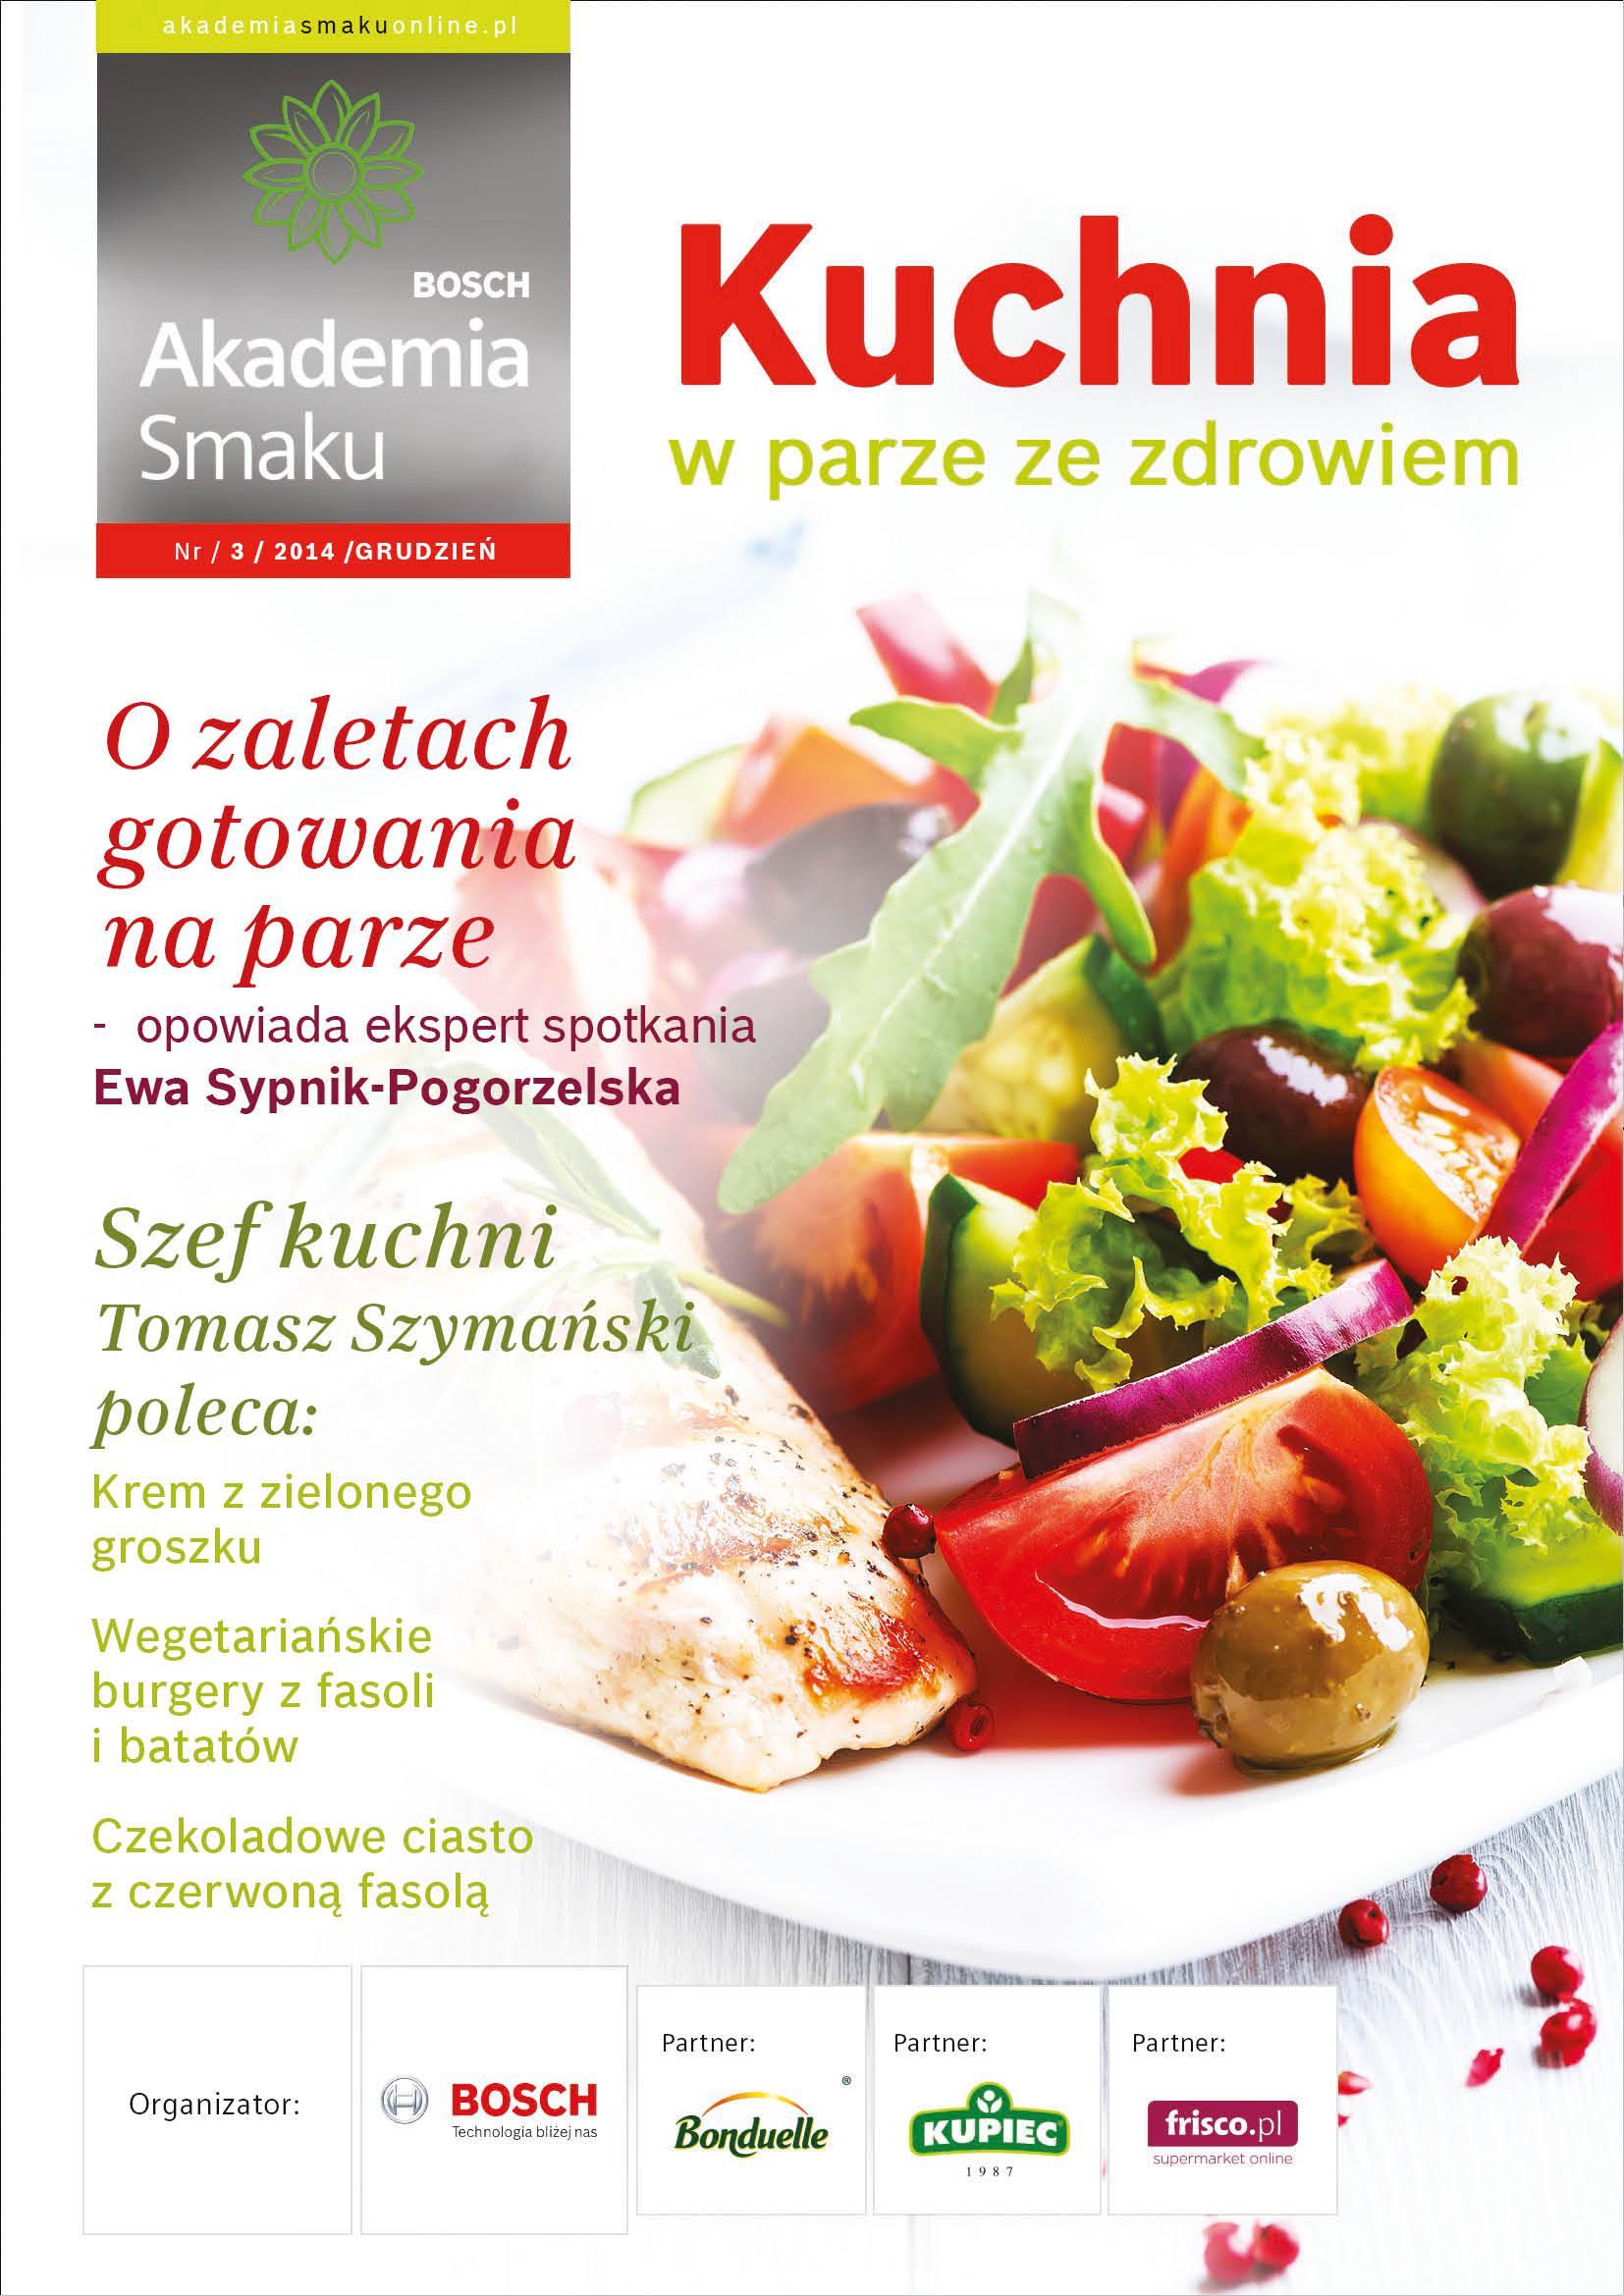 Kuchnia w parze ze zdrowiem - Strona 1